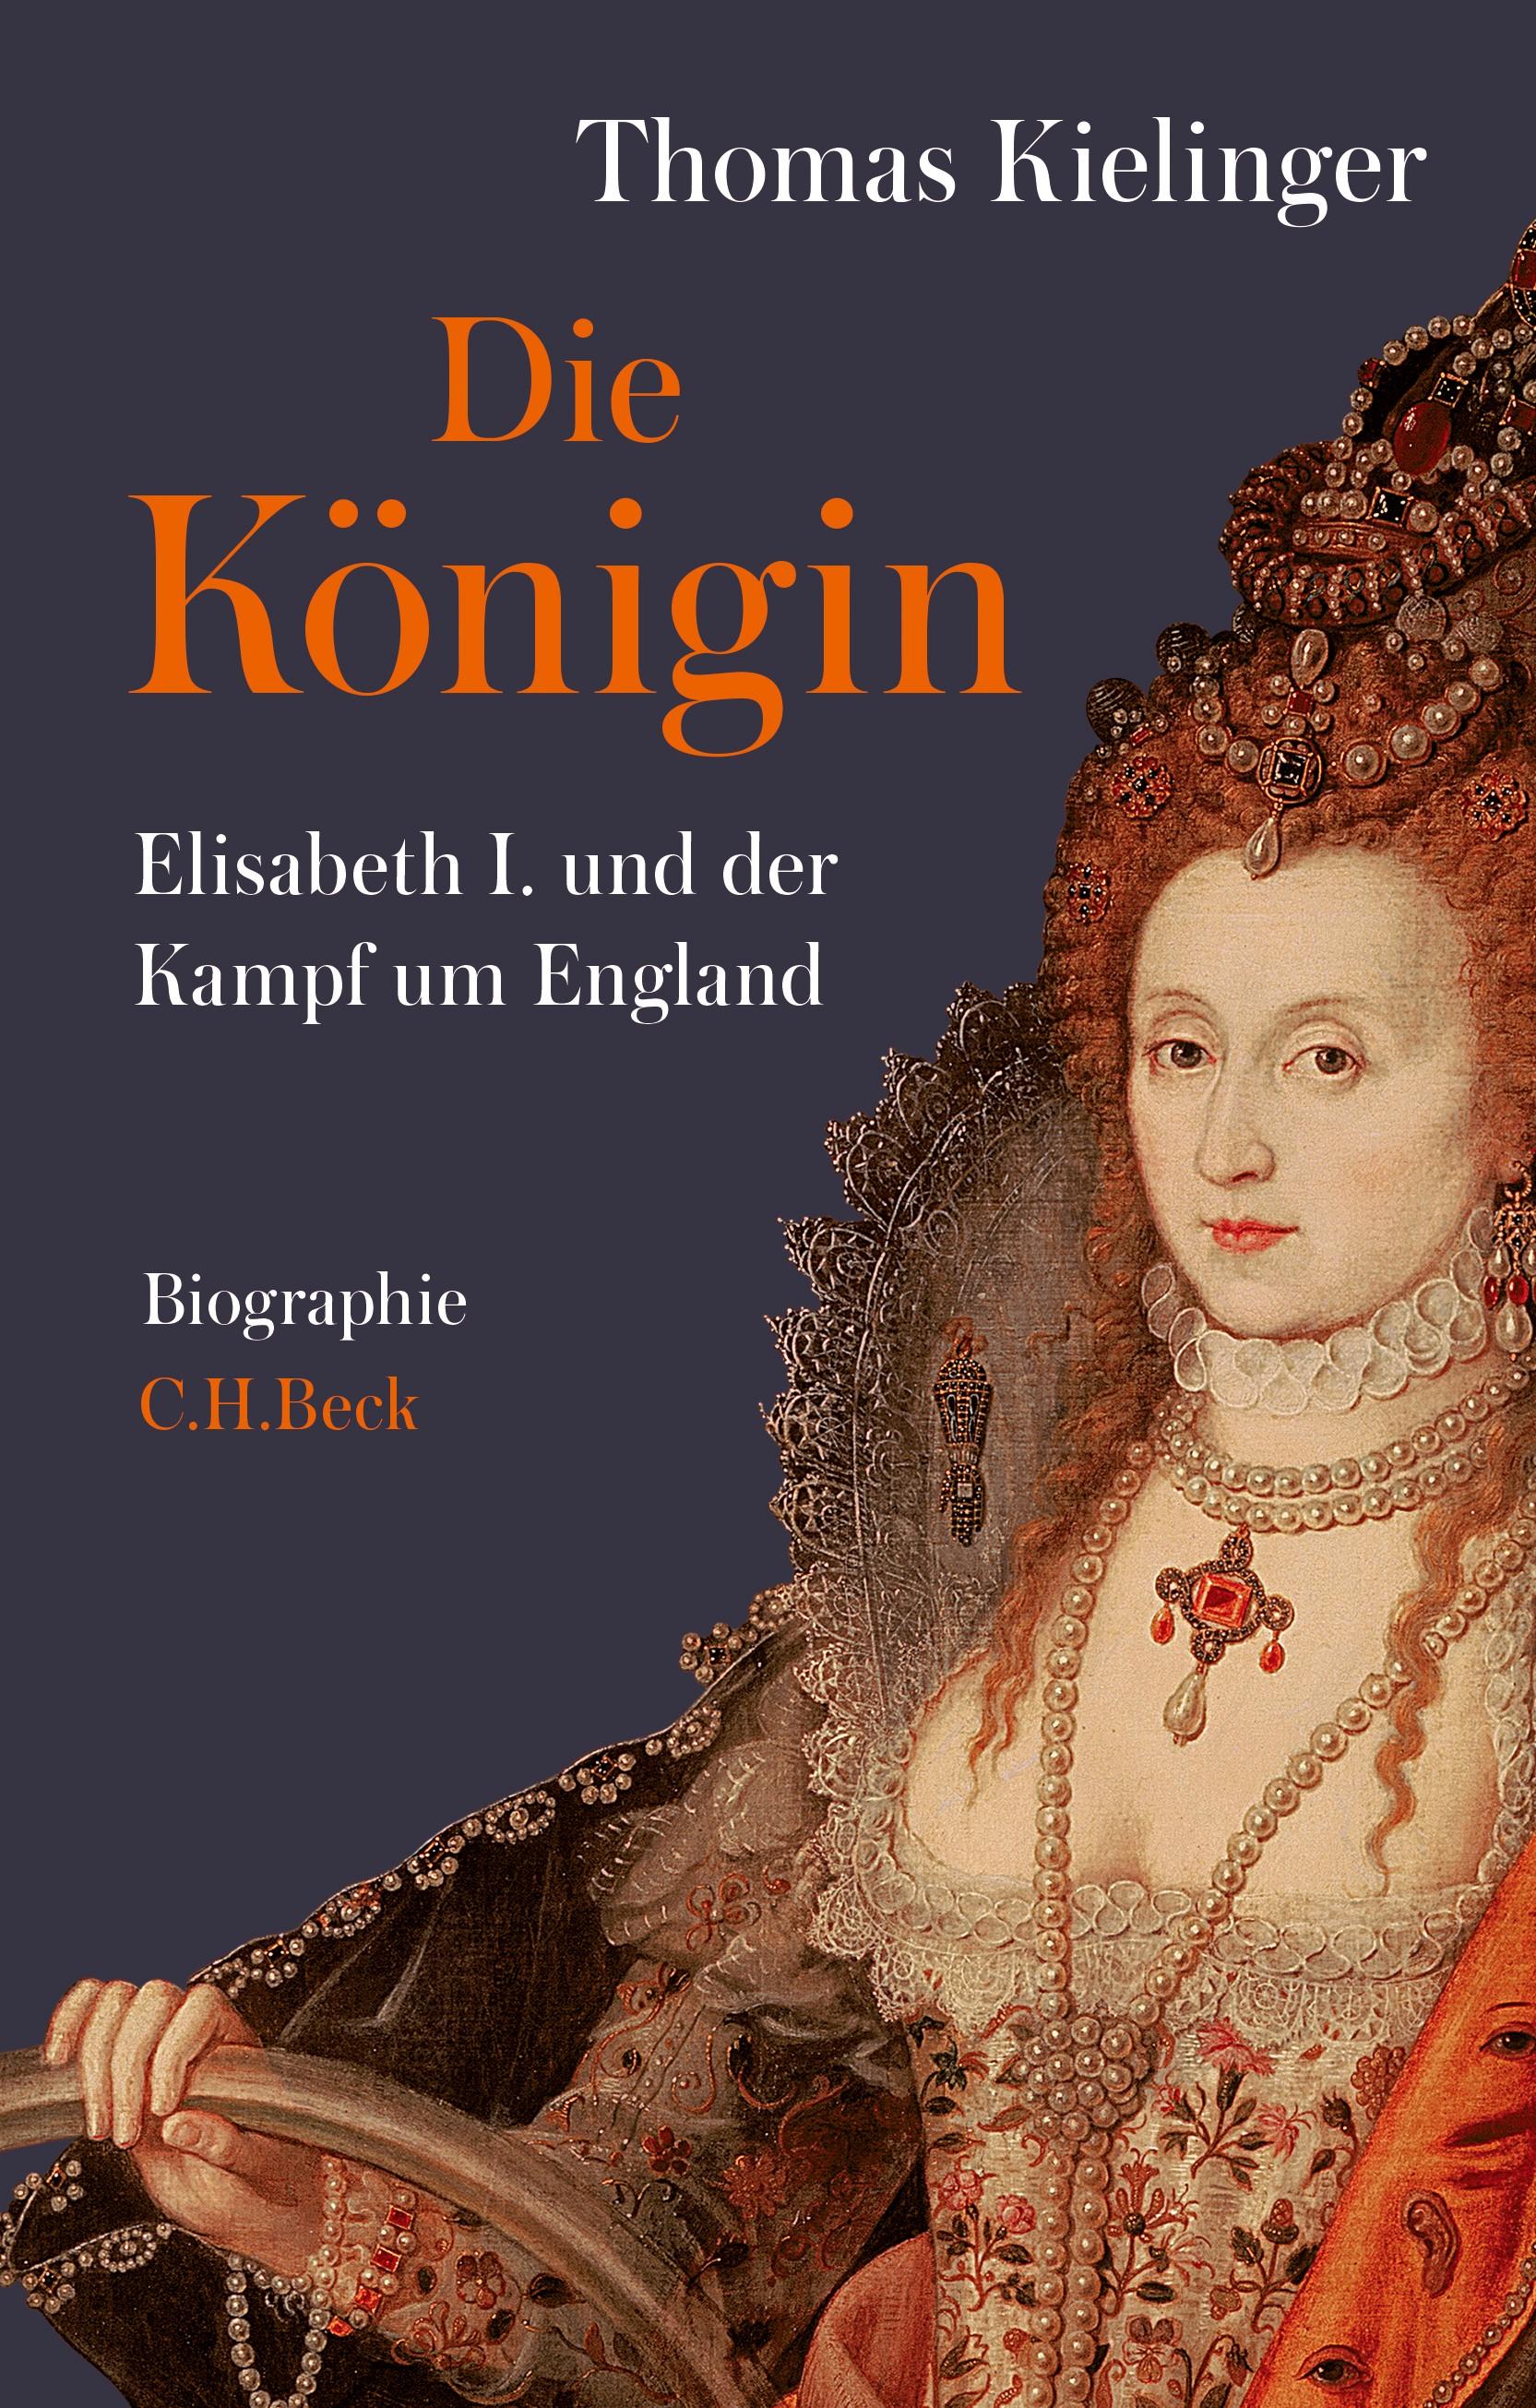 Abbildung von Kielinger, Thomas | Die Königin | 2019